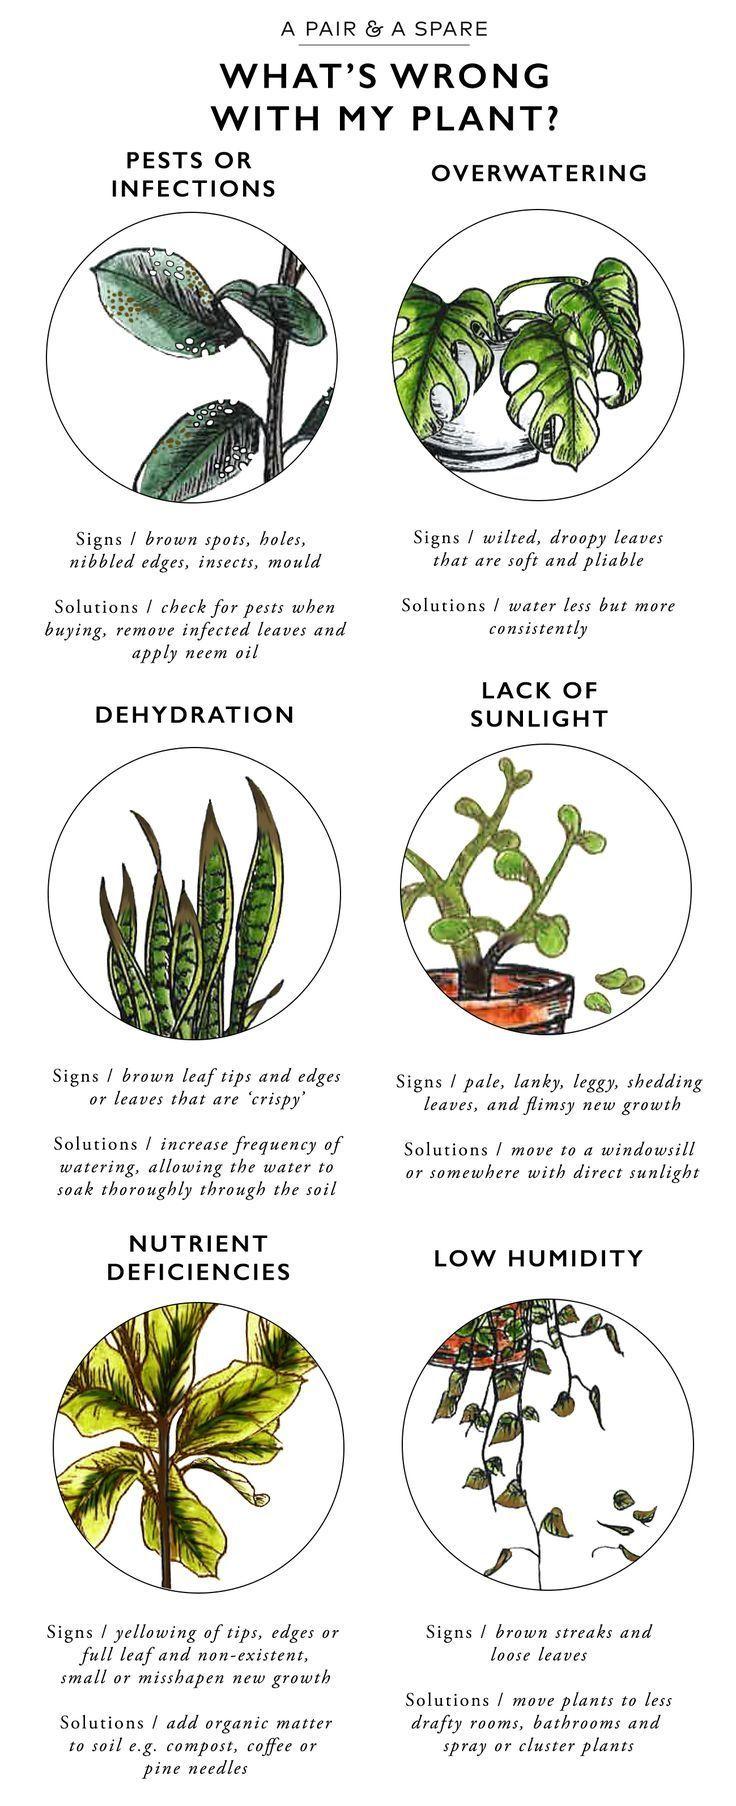 Handig om te weten: wat is er mis met mijn plant? Een handleiding die je precies vertelt hoe je verschillende 'plant problemen' herkent; uitdroging, gebrek aan zonlicht of lage vochtgraad.